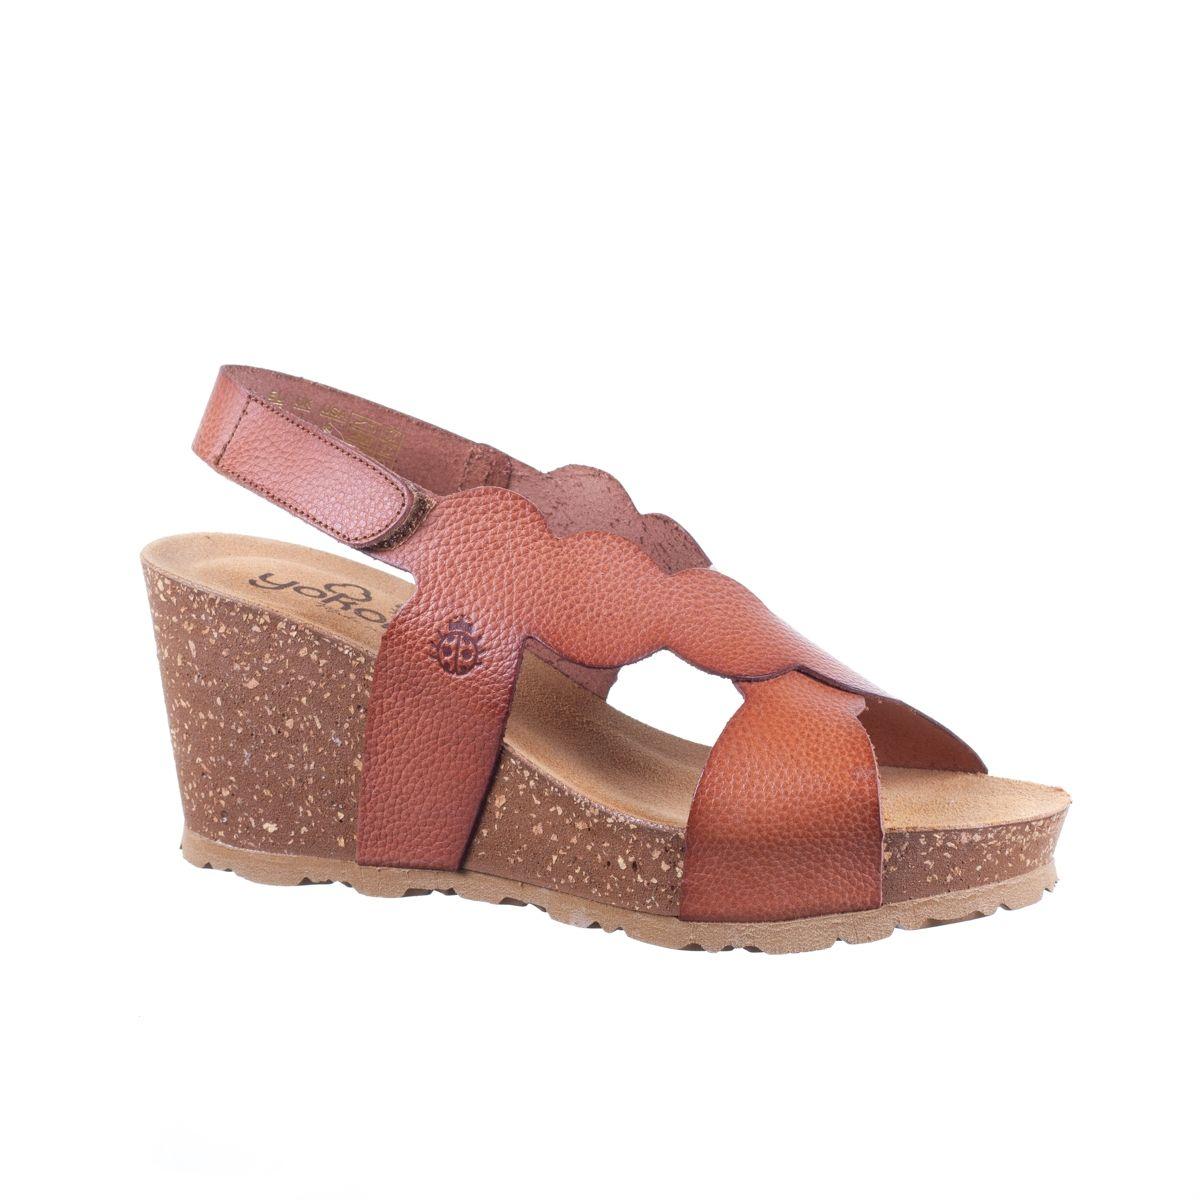 Sandale compensée Canela 004 Bugui Nuez de Yokono en cuir